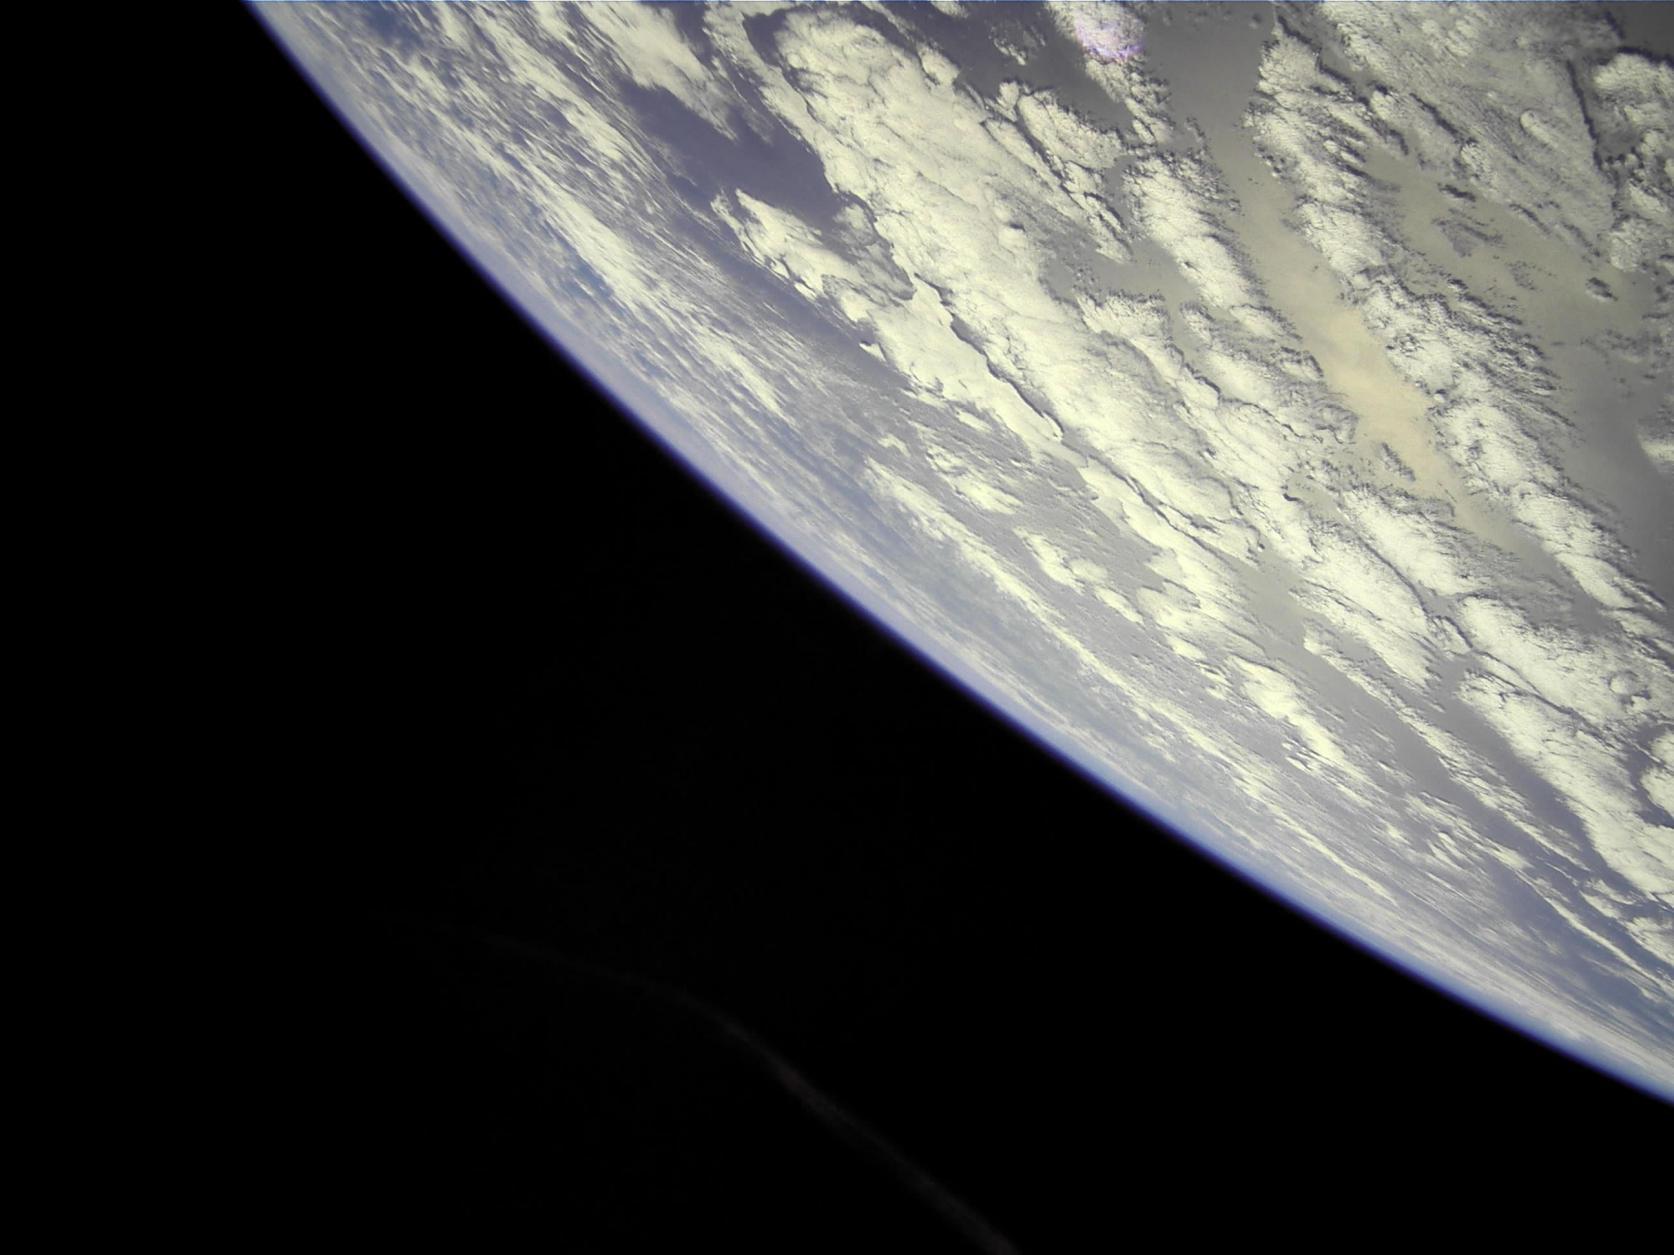 宇宙構造物システム研究室 人工衛星:NEXUS 宇宙からの写真届きました。